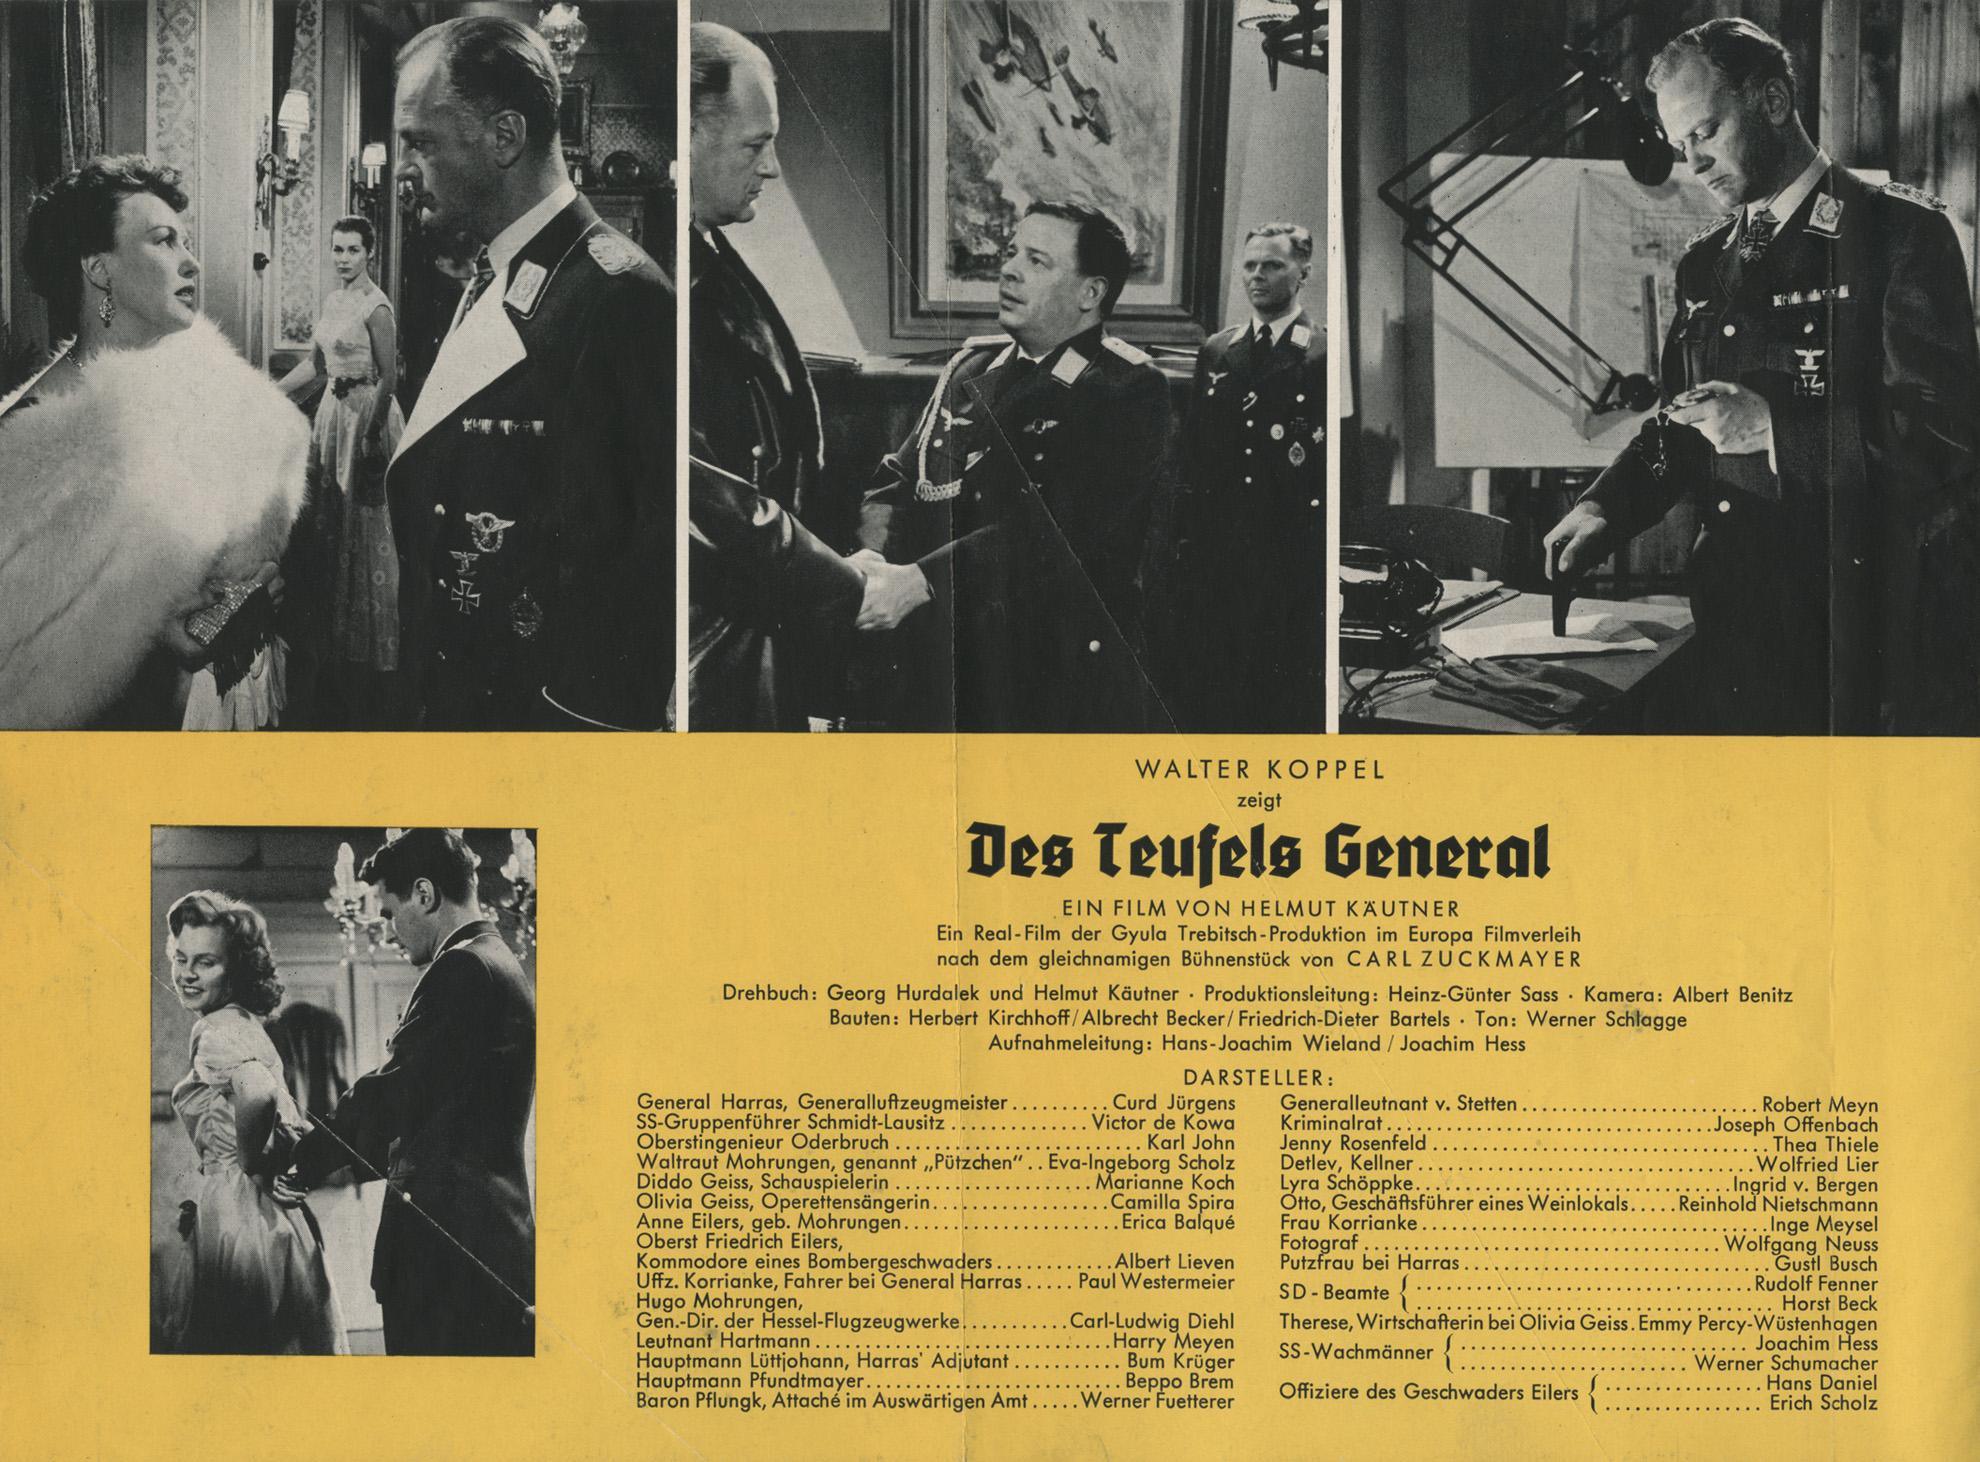 DES TEUFELS GENERAL (1958)